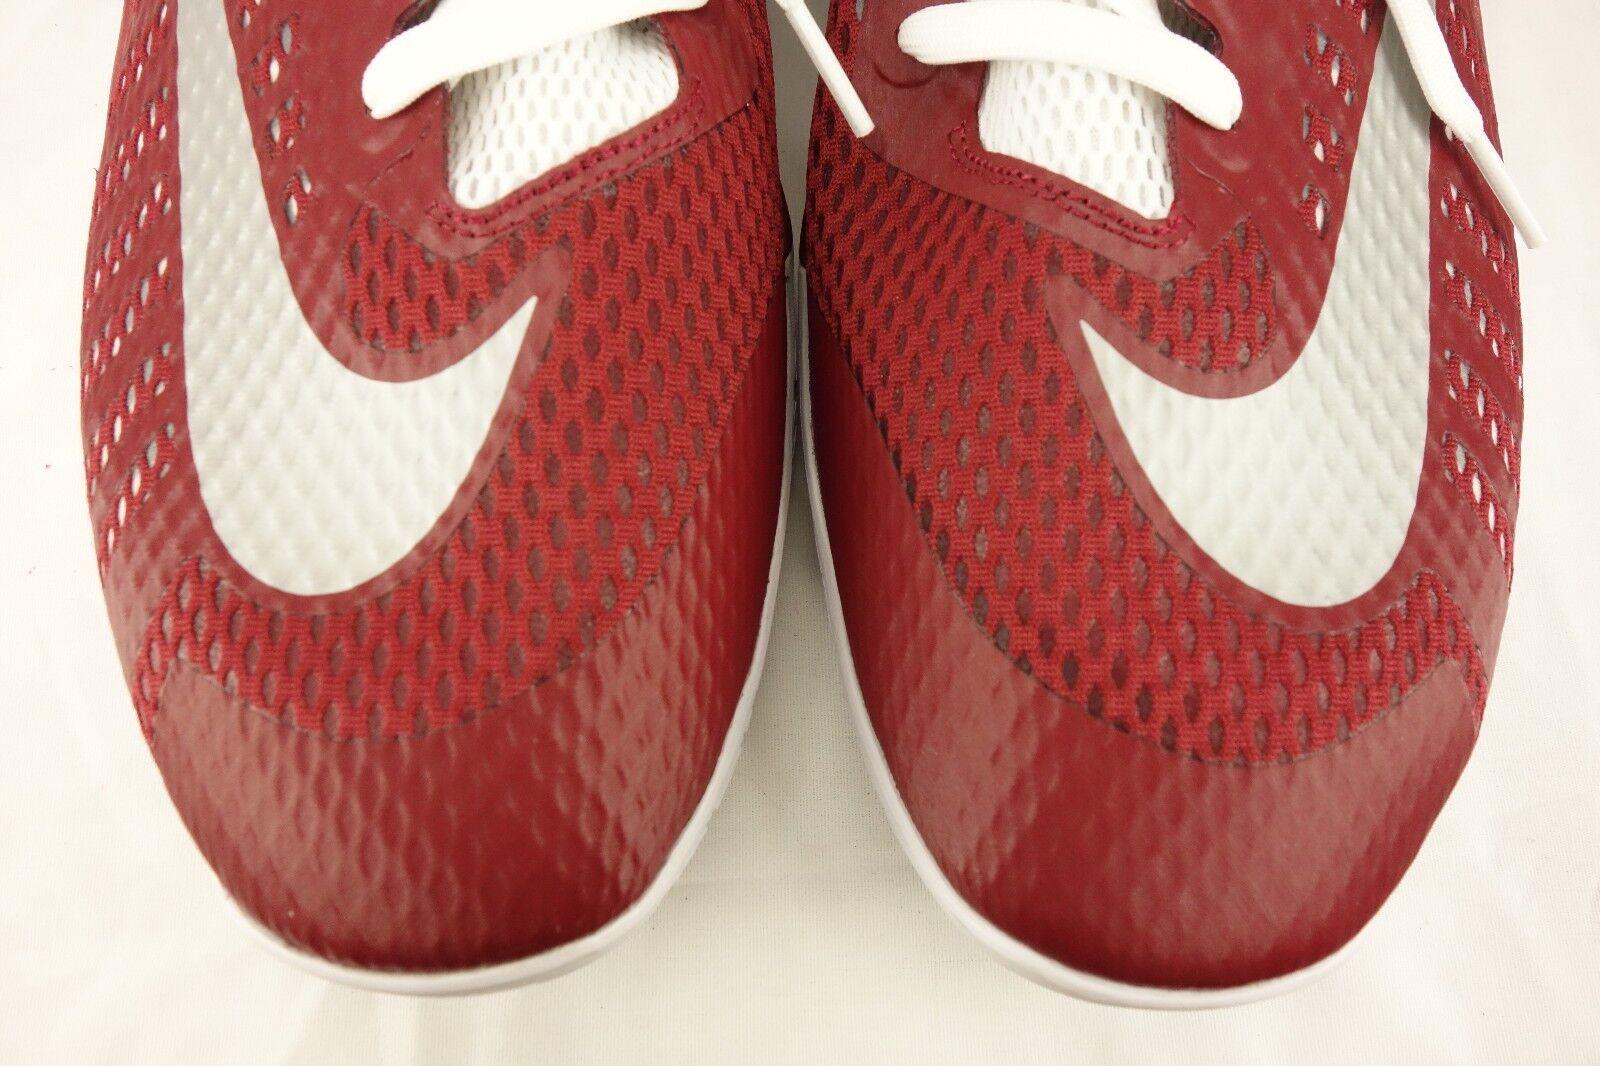 neue nike hyperlive maroon / weißes mesh spitzen sich mens basketball - schuh - mens sich 18m 834488-602 3de6da